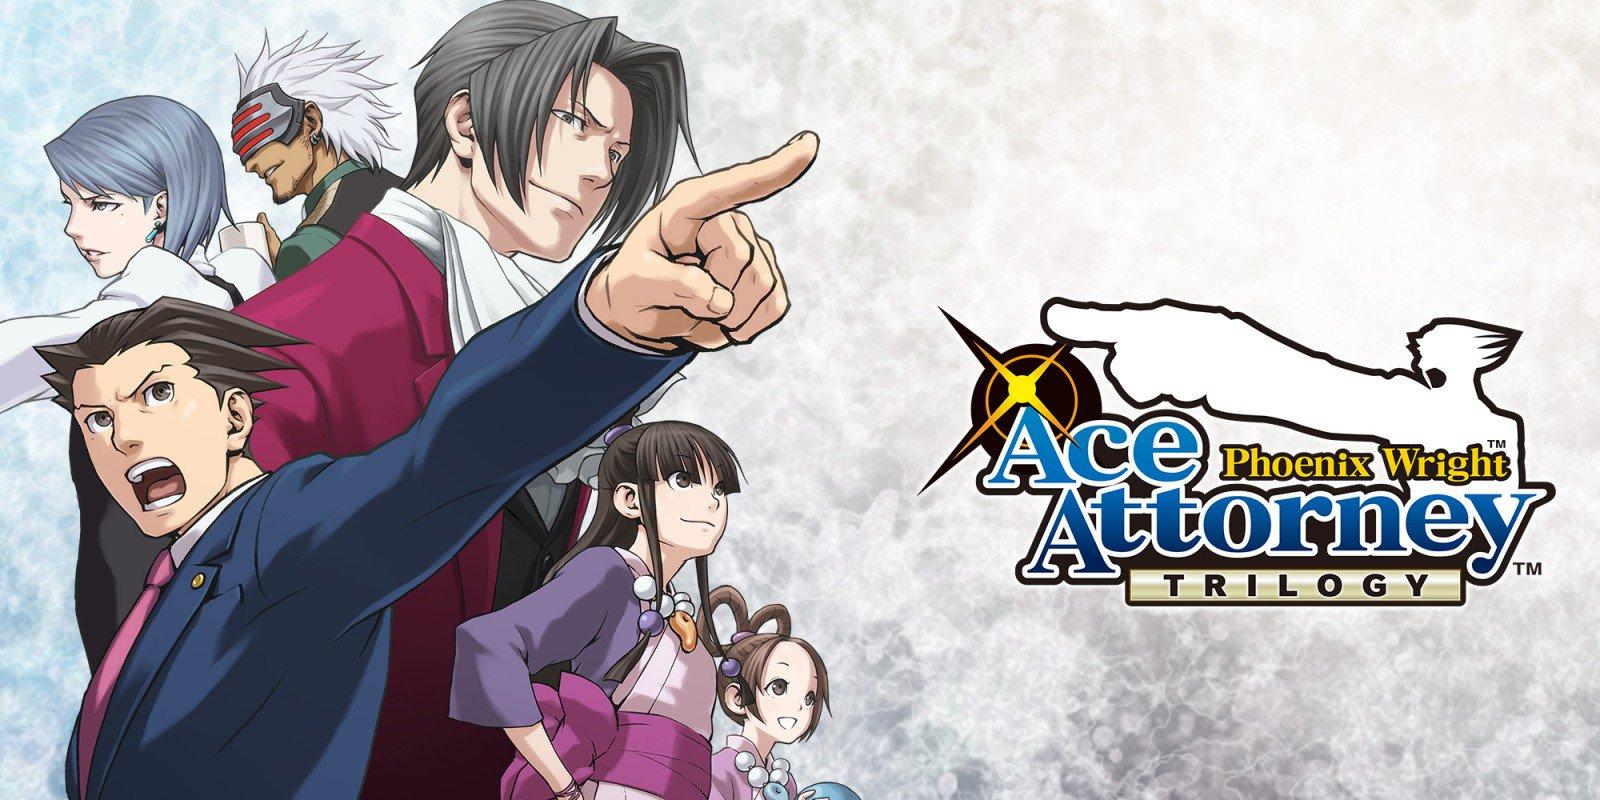 Phoenix Wright: Ace Attorney Trilogy será vendido apenas em formato digital no ocidente; Lançamento confirmado para abril